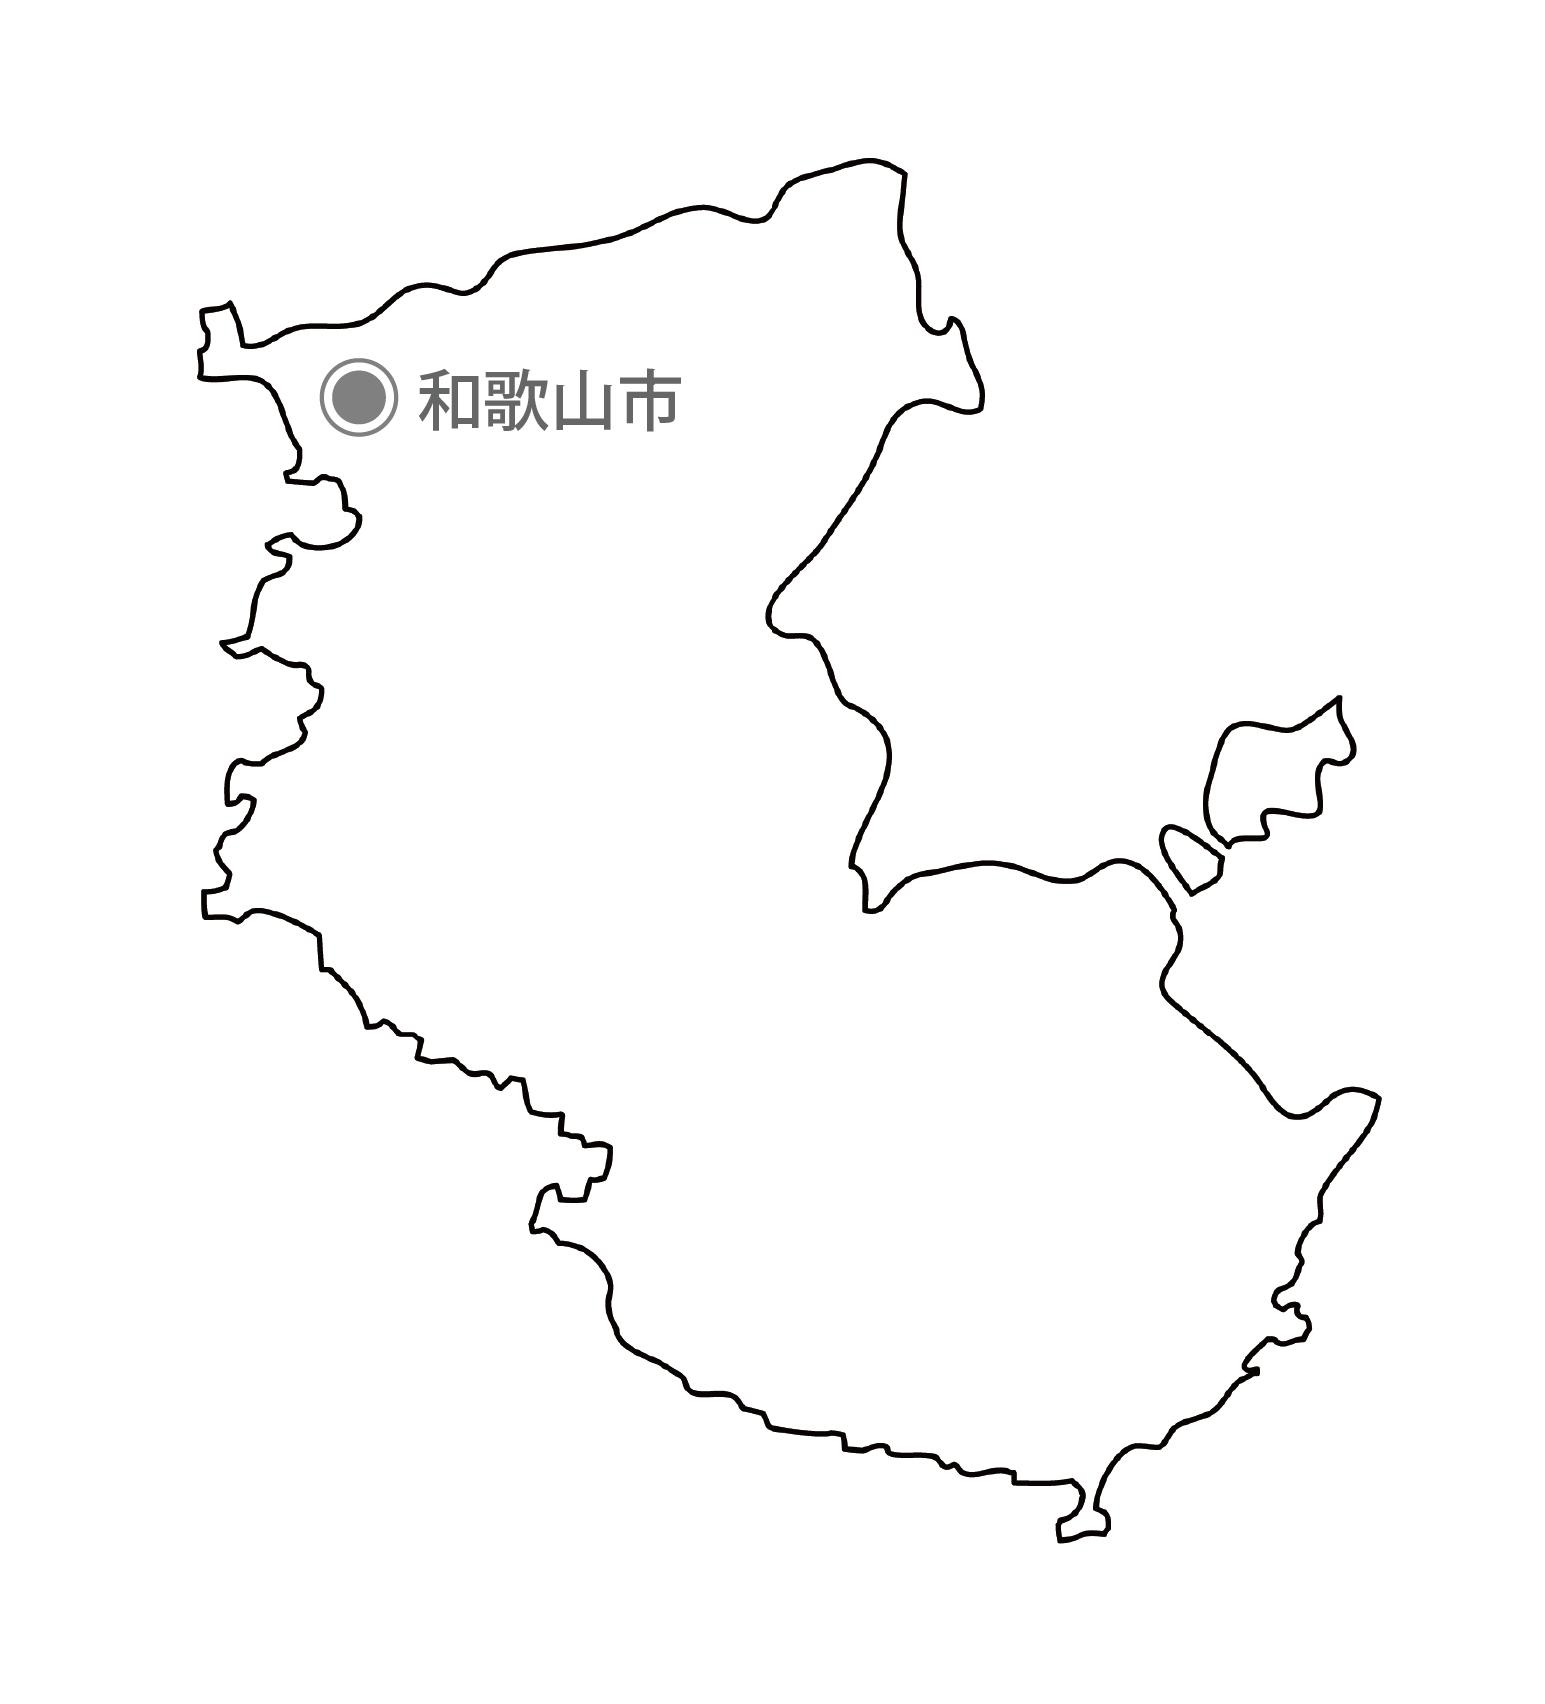 [白地図]和歌山県・都道府県名・県庁所在地あり